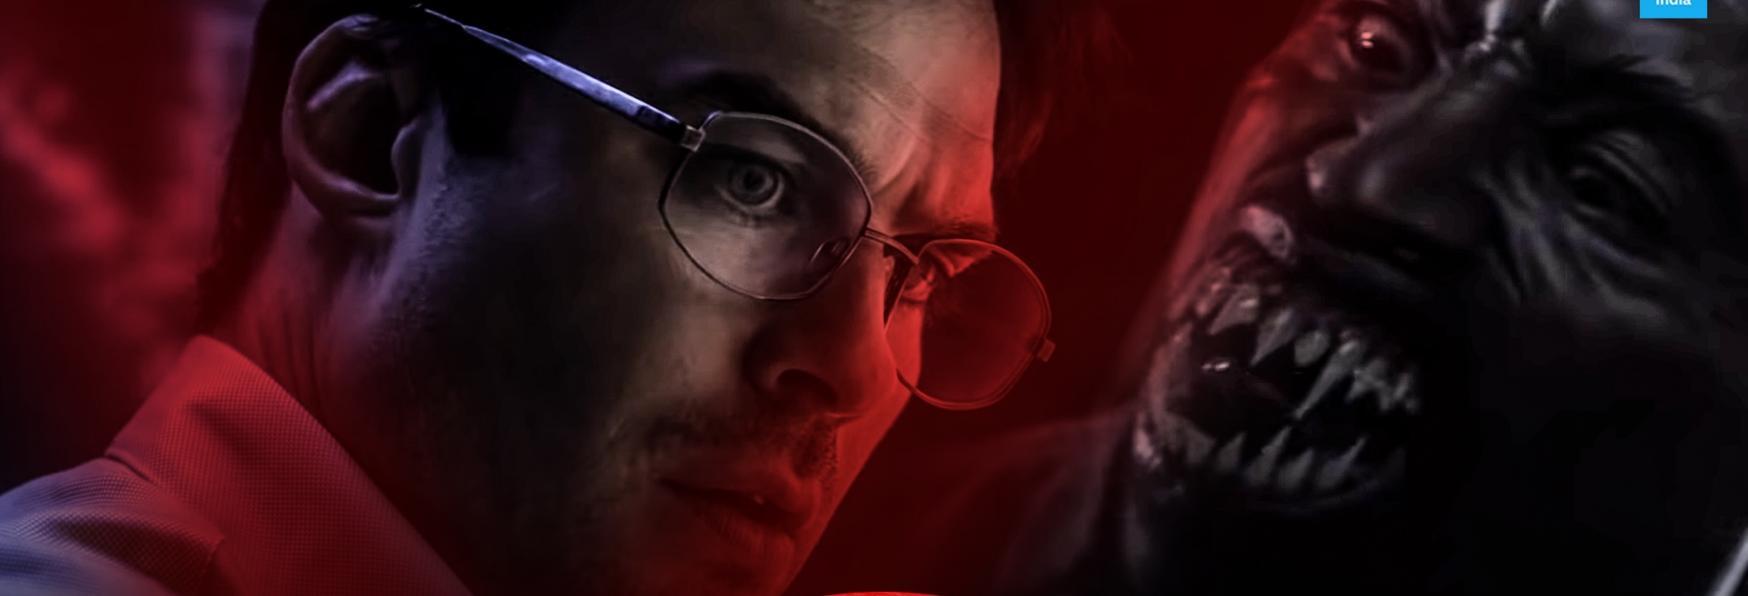 V Wars: Netflix rilascia il Trailer Ufficiale della nuova Serie TV di Vampiri